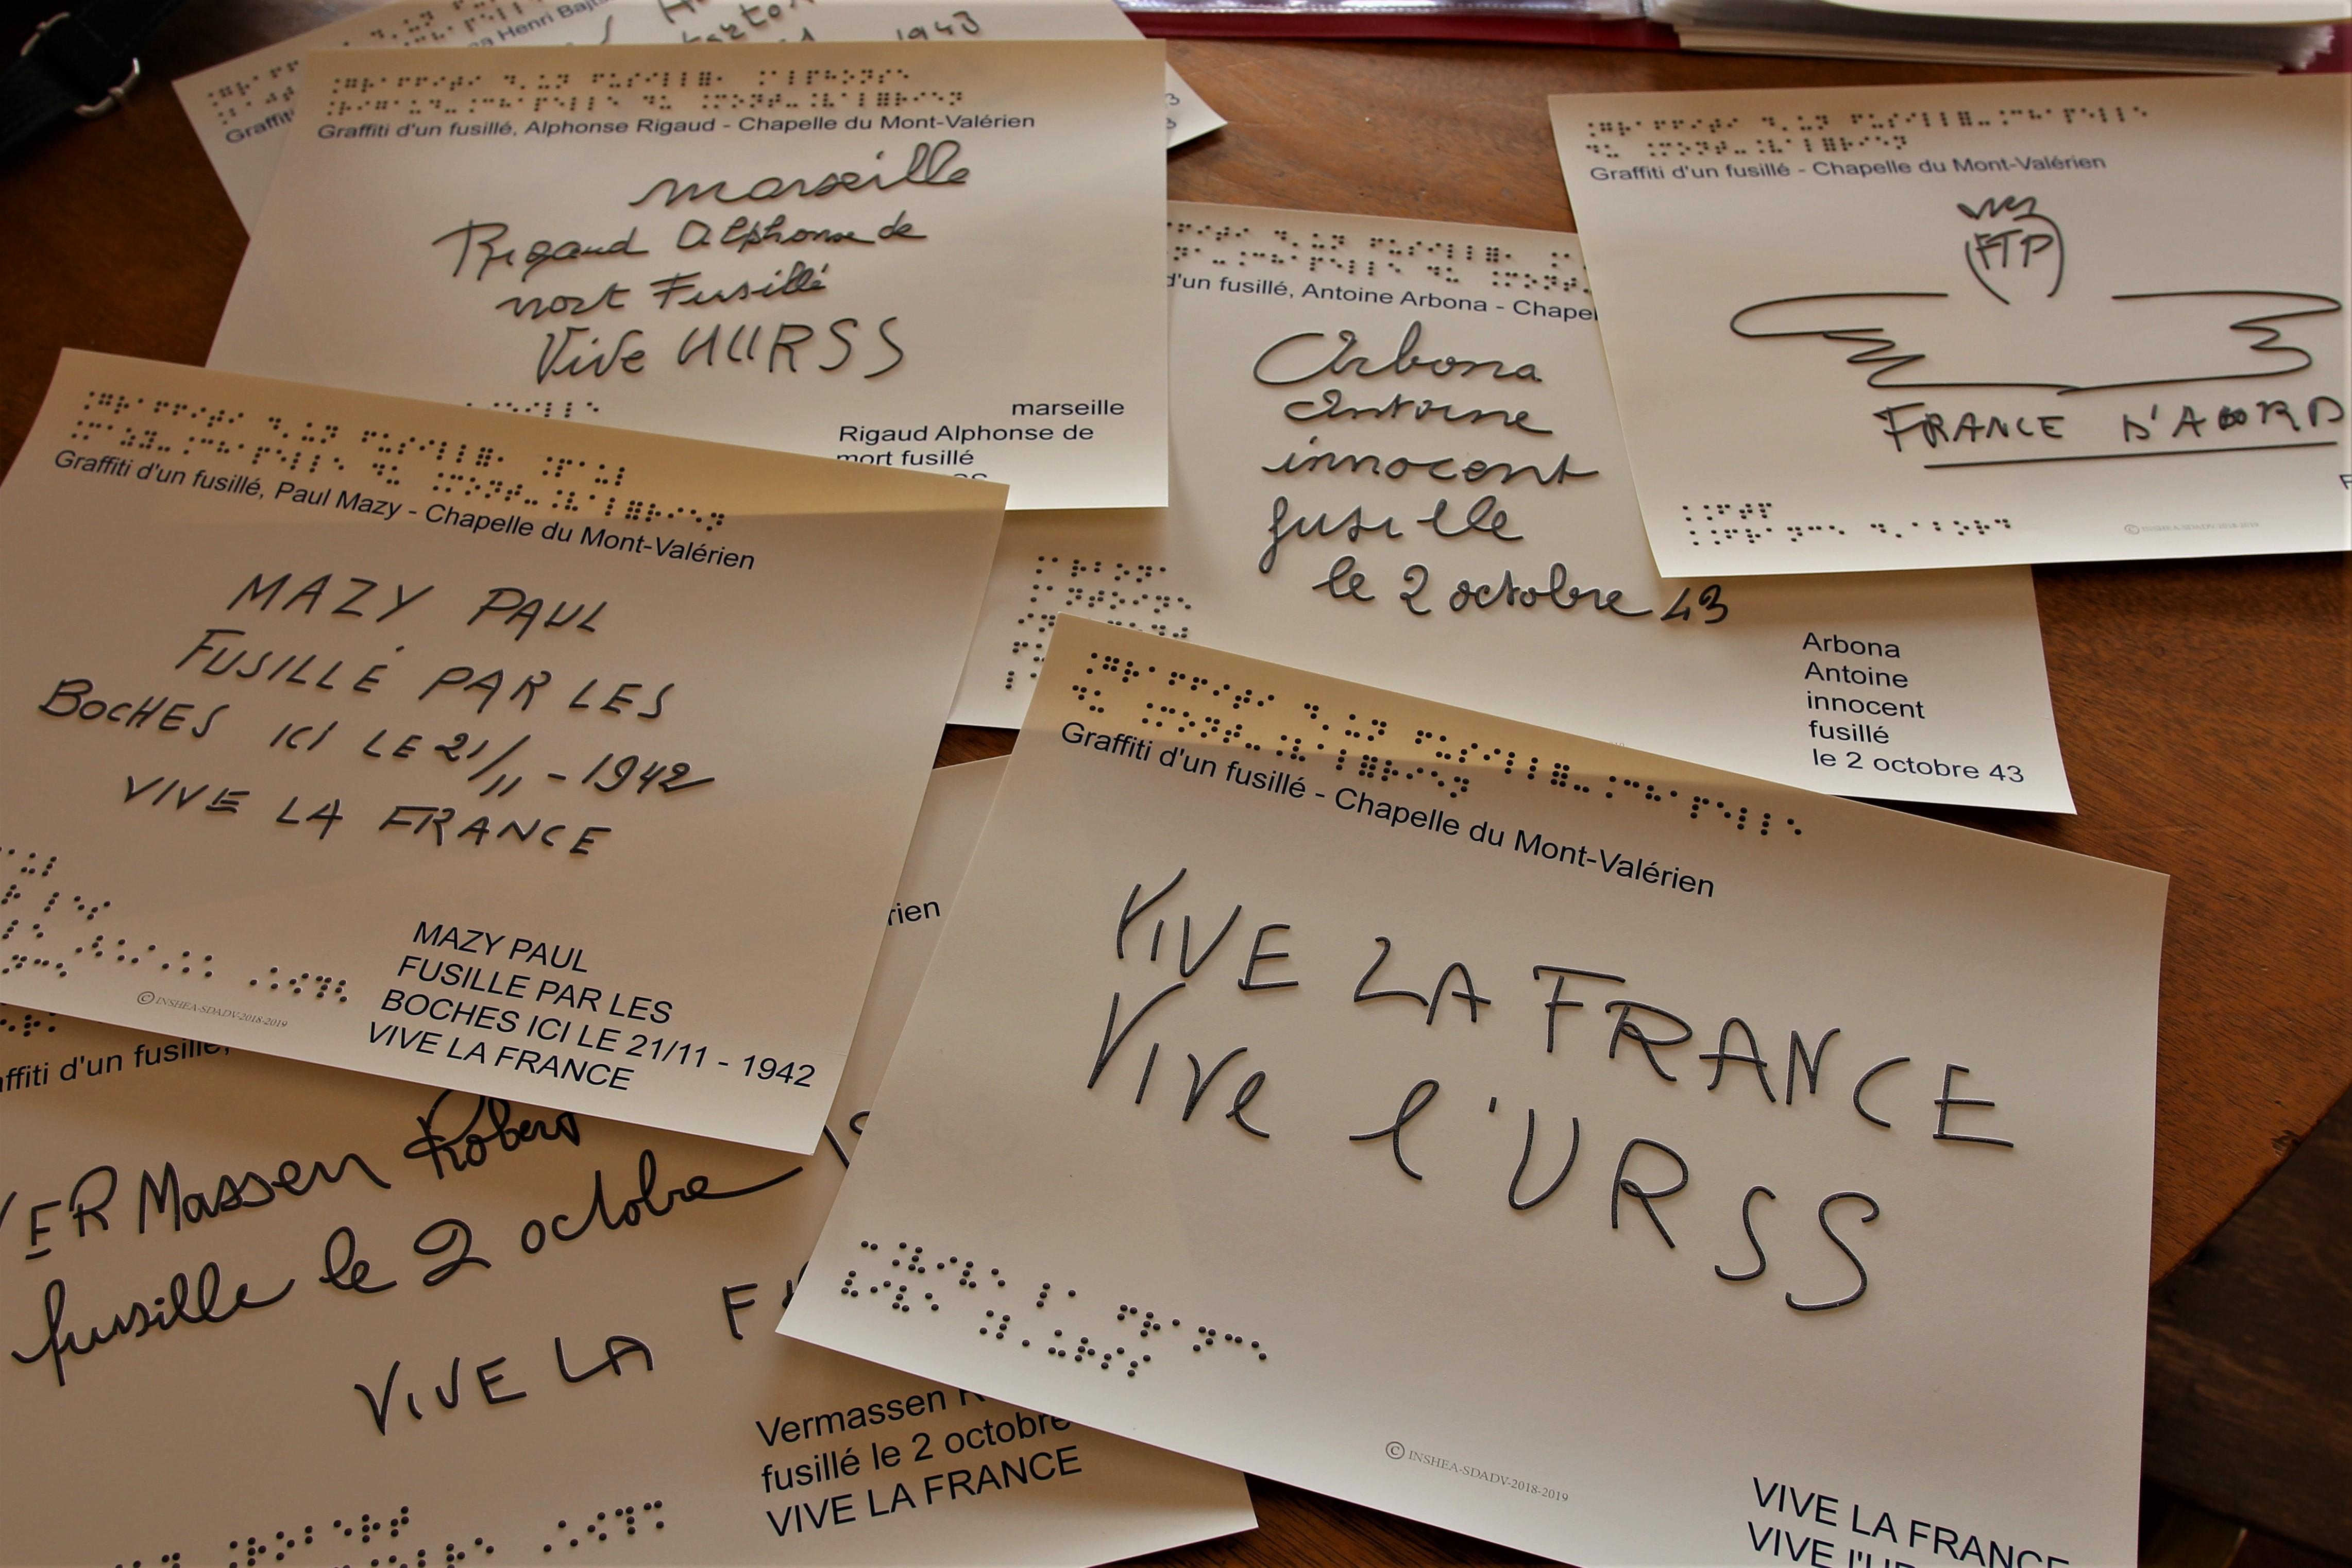 """Photo des graffitis adaptés en braille et en relief, 5 textes sont visibles sur la photo : """" Mazy Paul, fusillé par les boches ici le 21 novembre 1942, vive la France """" ; """" Marseille, Rigaud Alphonse, mort fusillé, vive l'URSS """" ; """" Arbona Antoine, innocent, fusillé le 2 octobre 43 """" ; """"FTP, France d'abord """" ; """" Vive la France, vive l'URSS """"."""